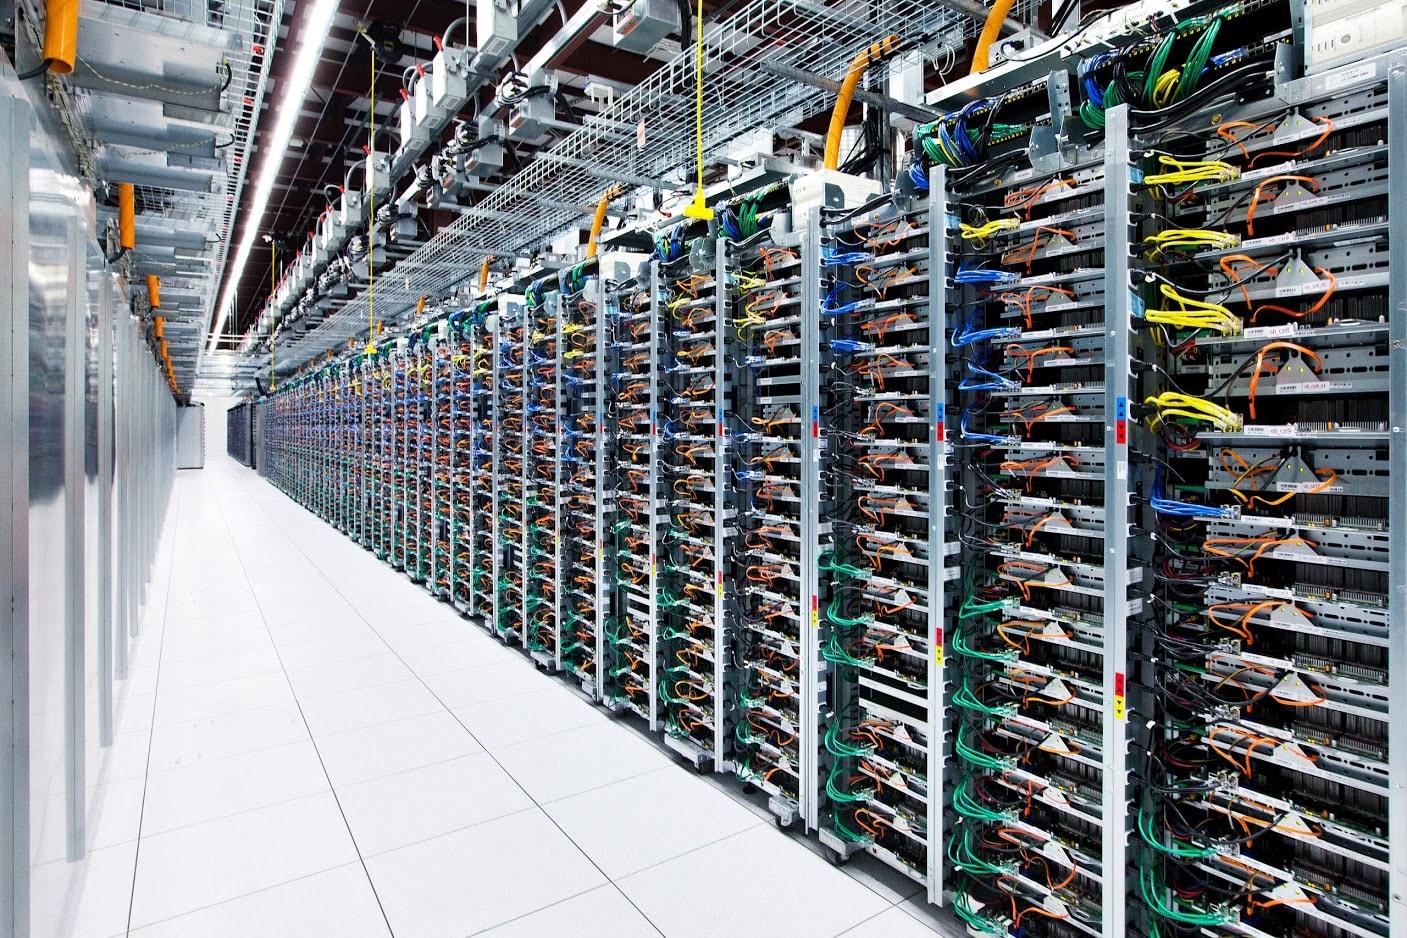 Google Cloud estrena cuatro nuevas certificaciones y una especialización para combatir el déficit de talento en esta tecnología y enfrentar retos de ciberseguridad. - Imagen: Google Cloud